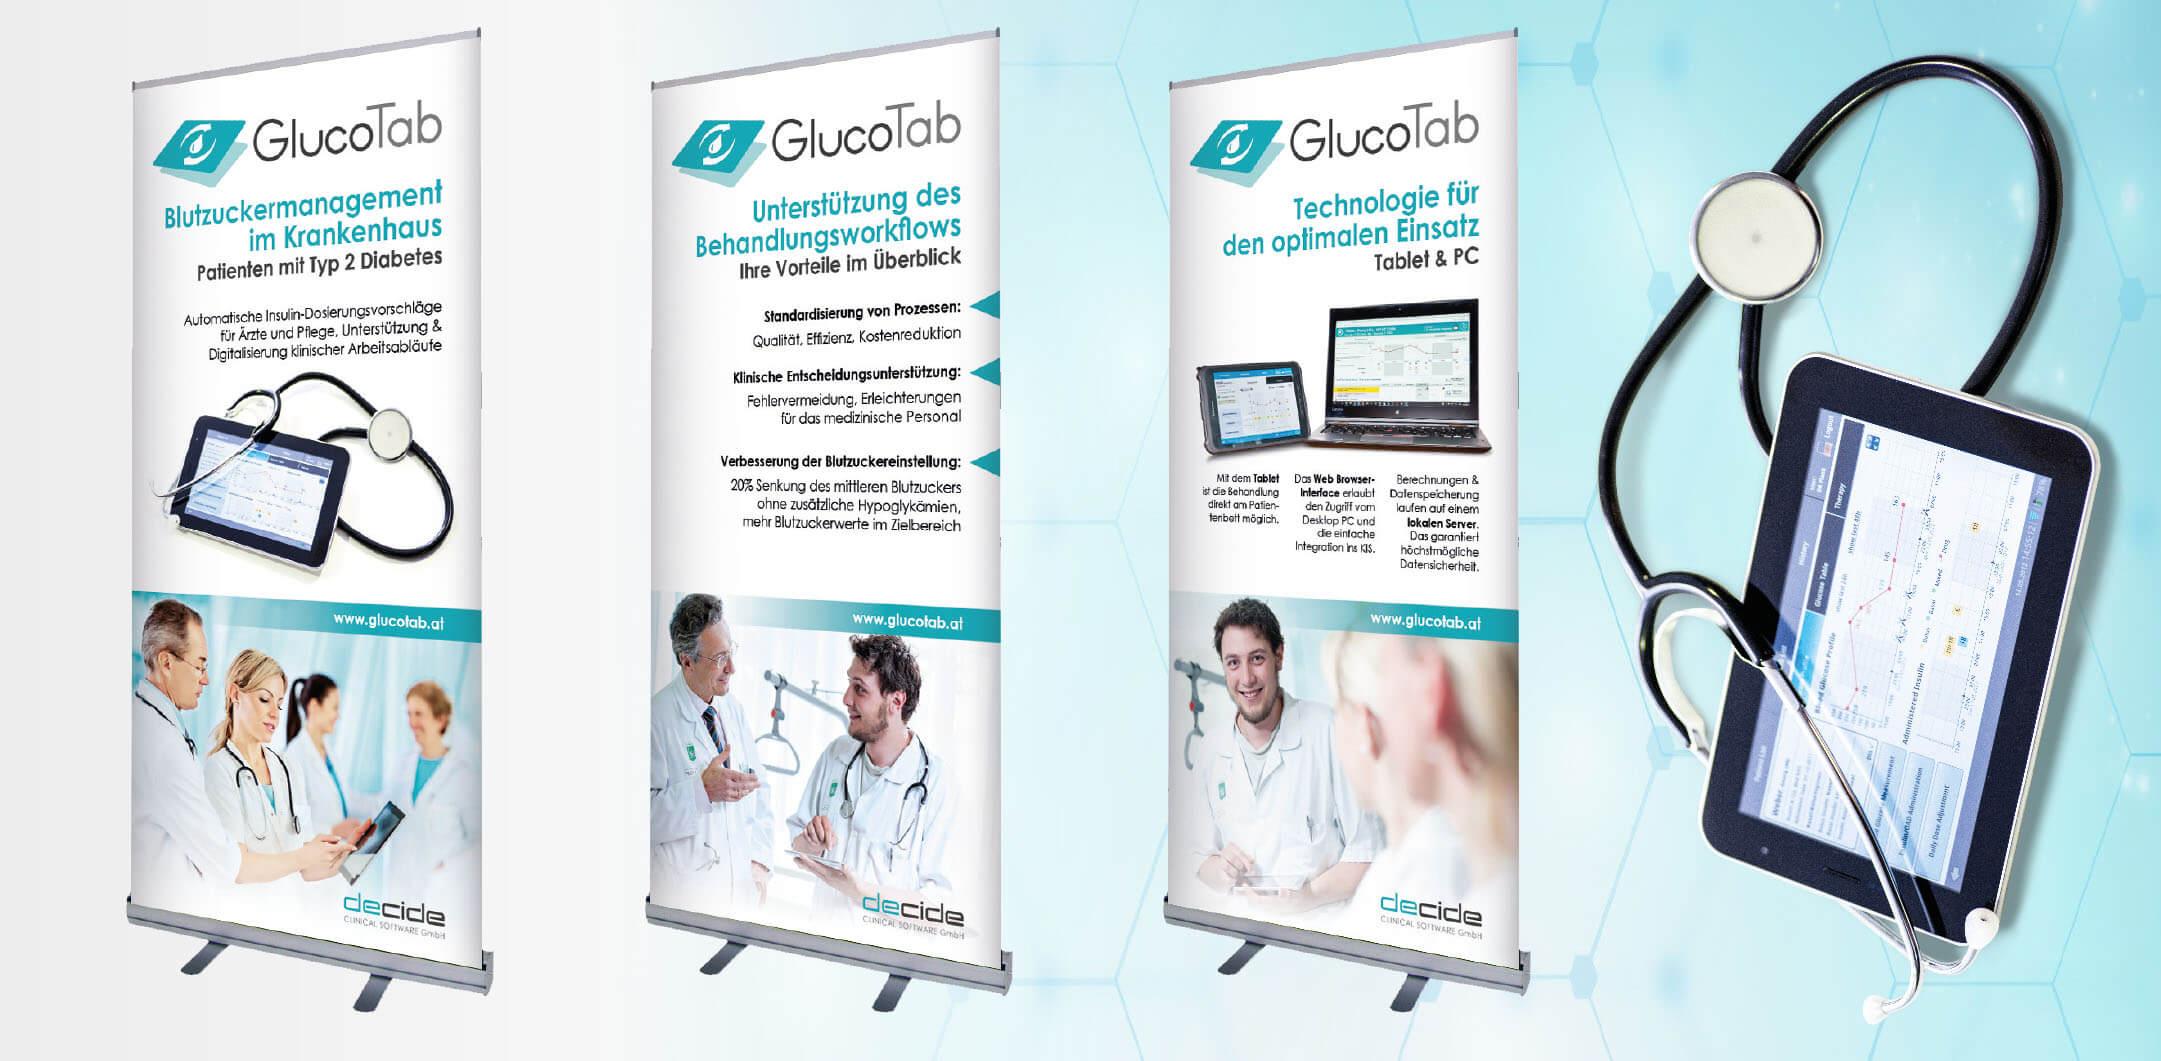 GlucoTab-04